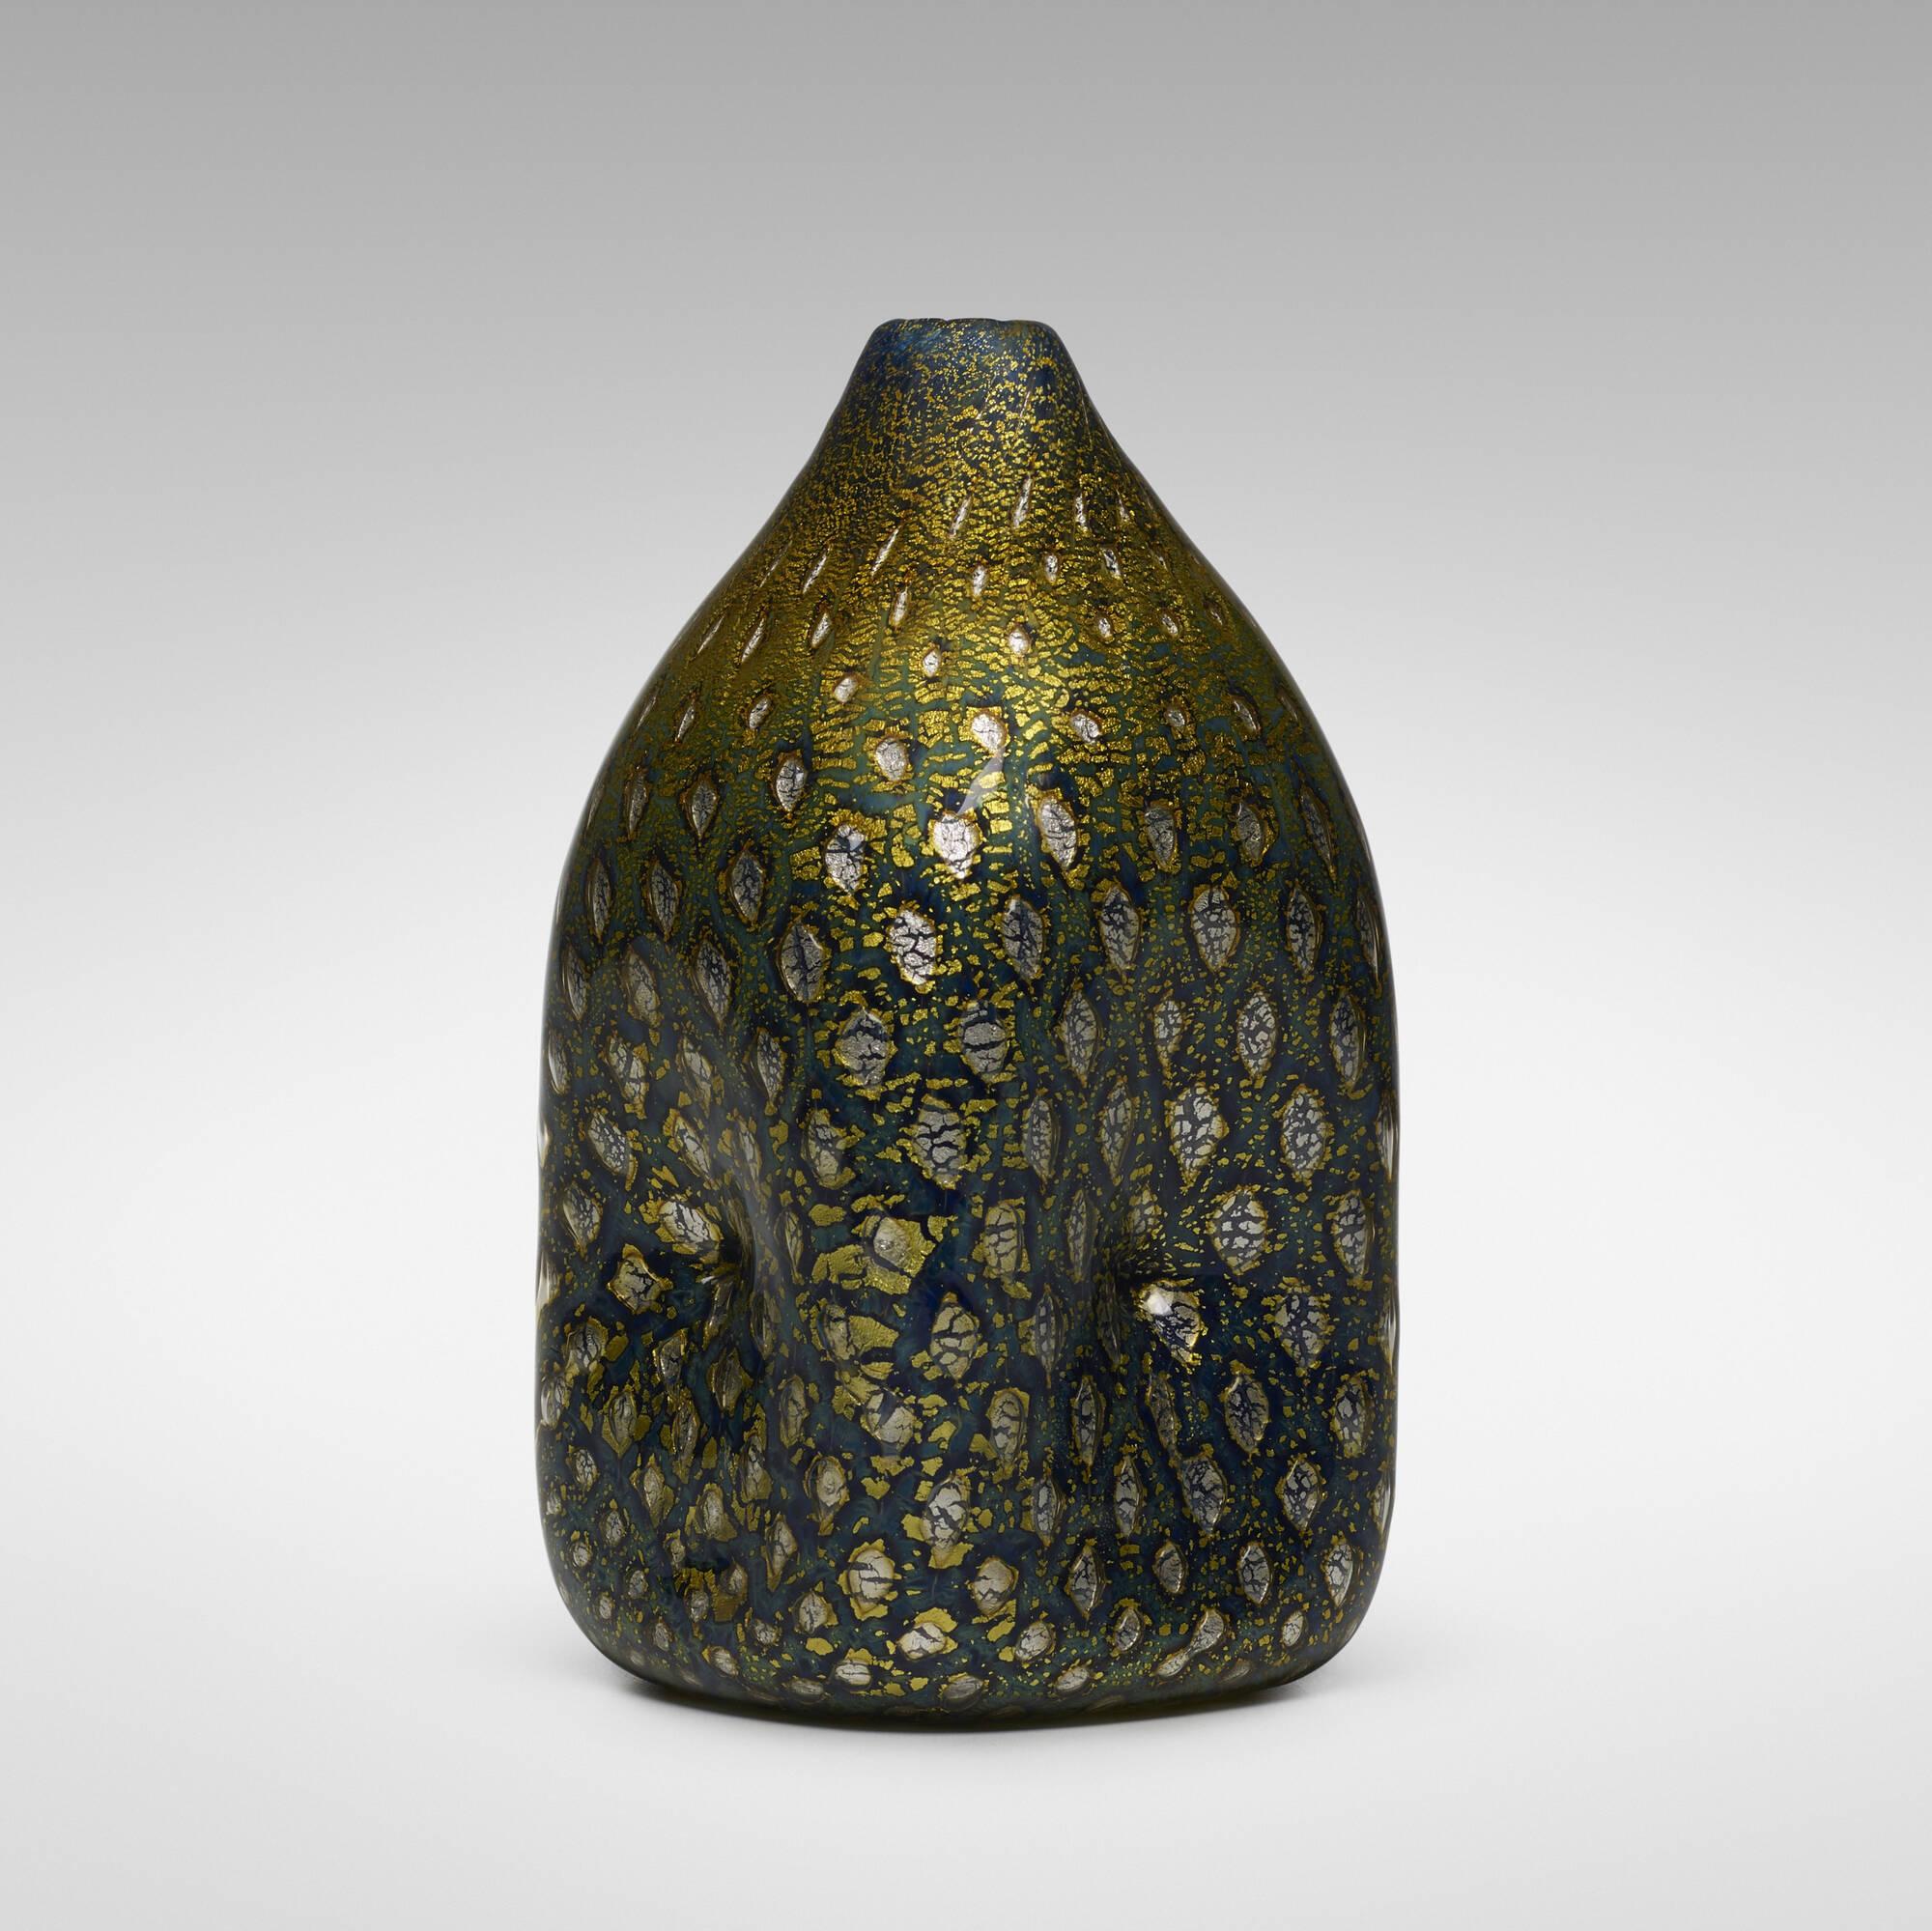 187: Giulio Radi / A Reazione Polichrome vase (1 of 3)